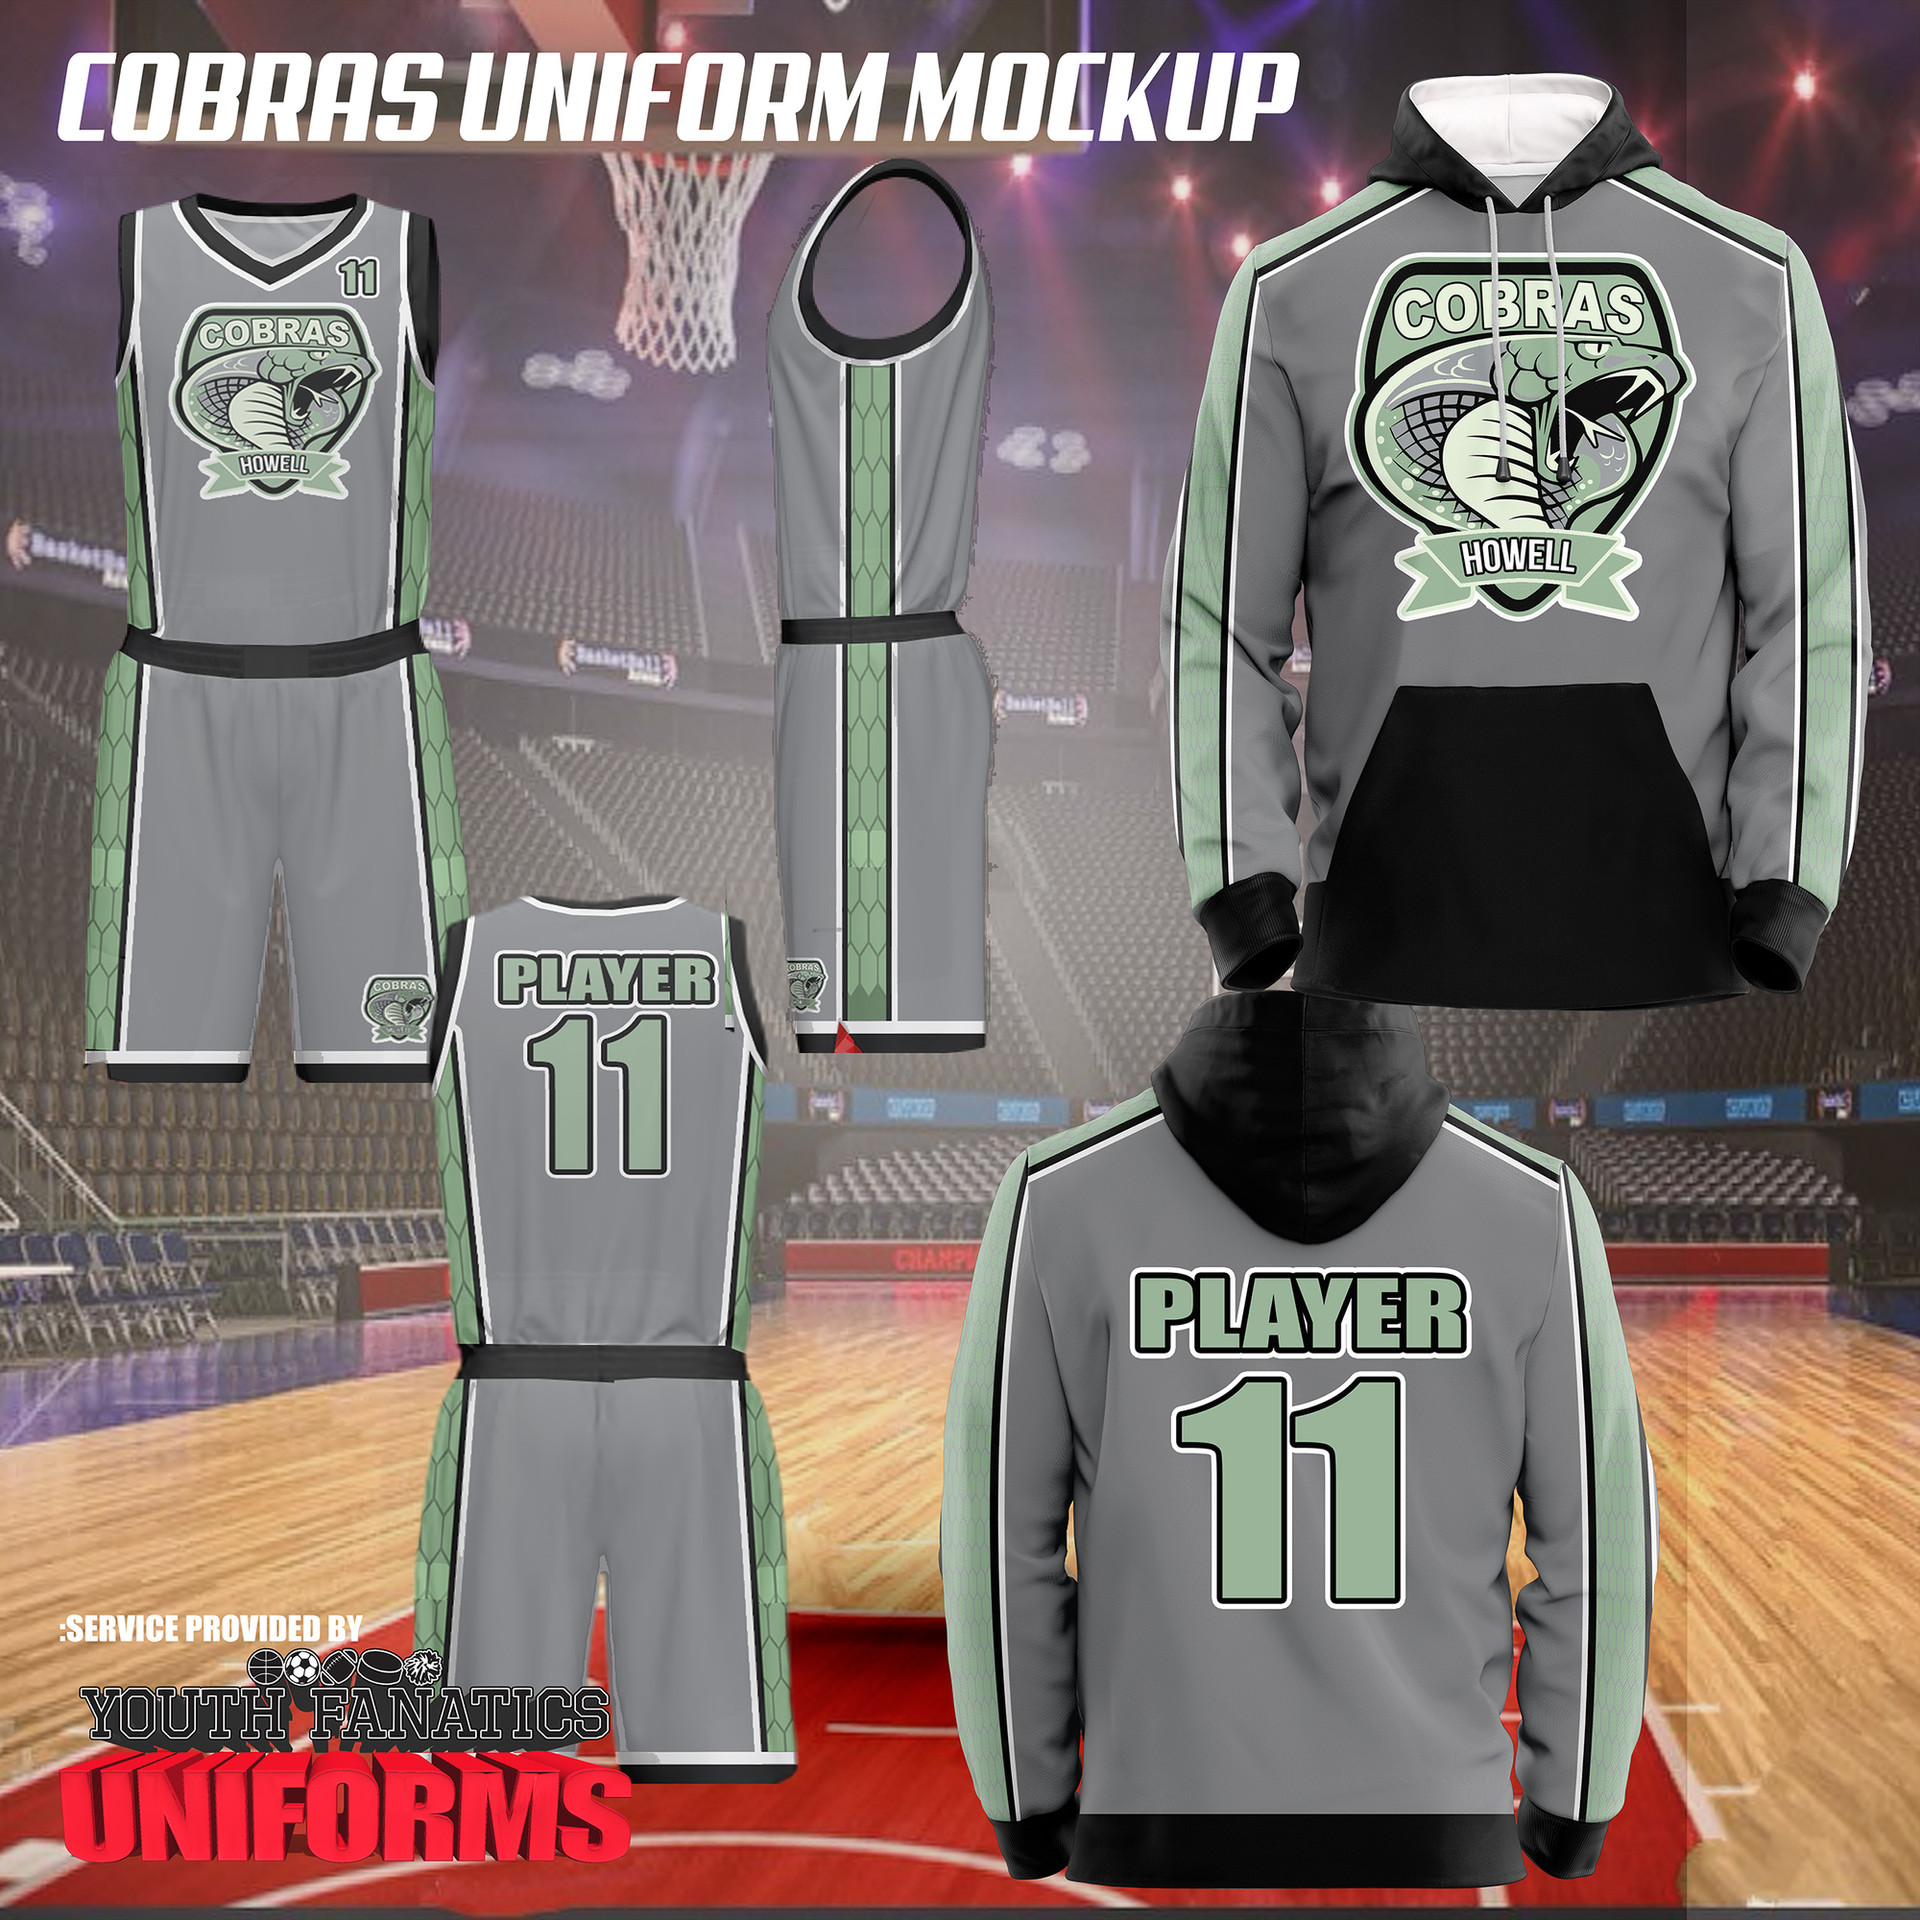 Cobras custom basketball uniform design 2